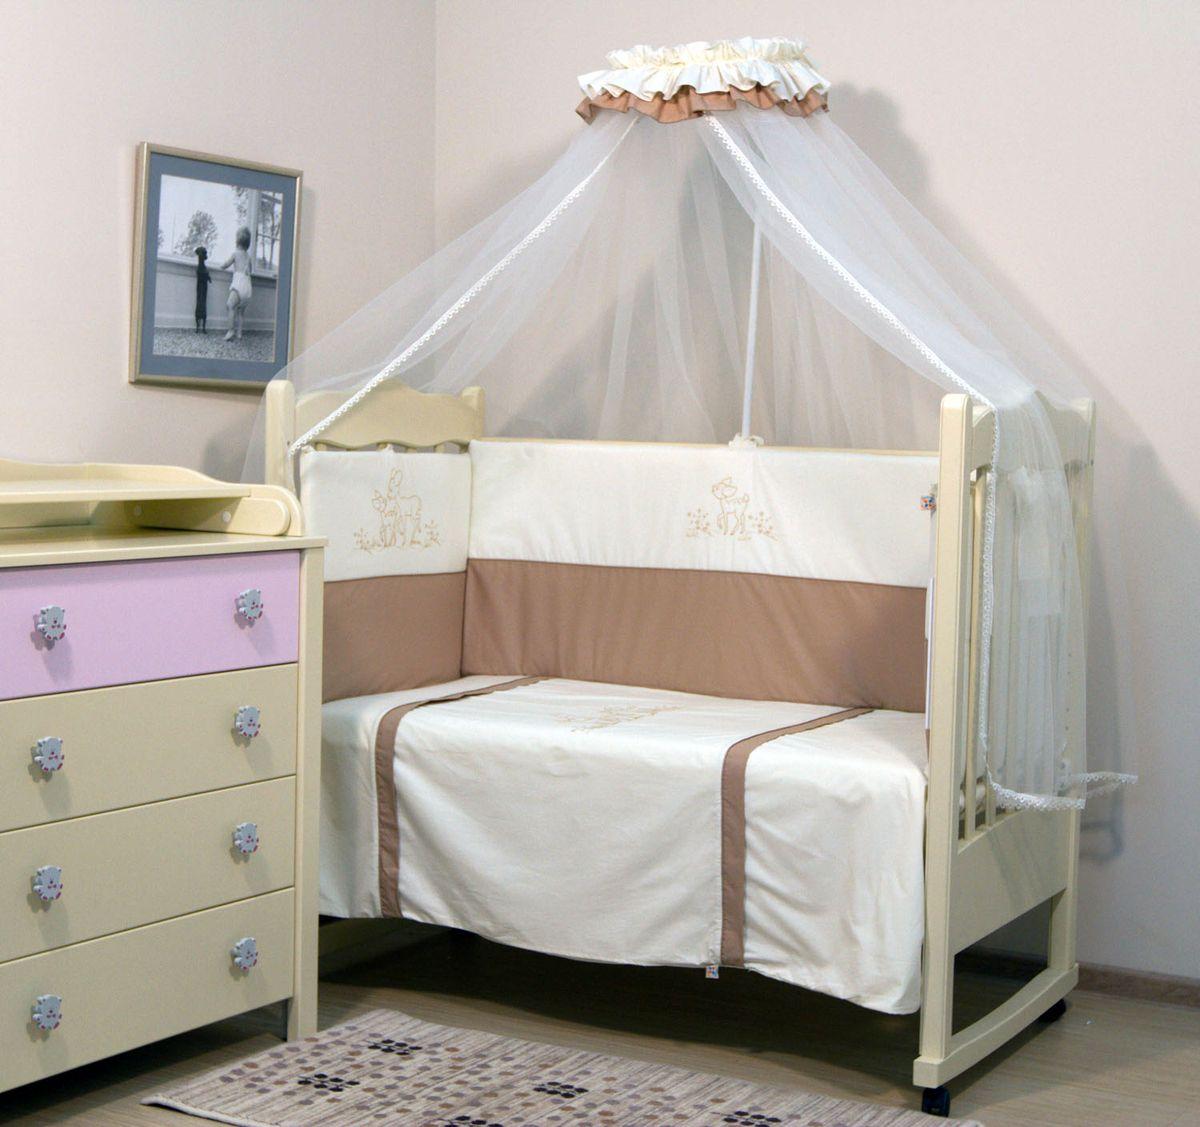 Топотушки Комплект детского постельного белья Бамбино цвет бежевый 7 предметов комплекты детской одежды клякса комплект 5 предметов 53 5228